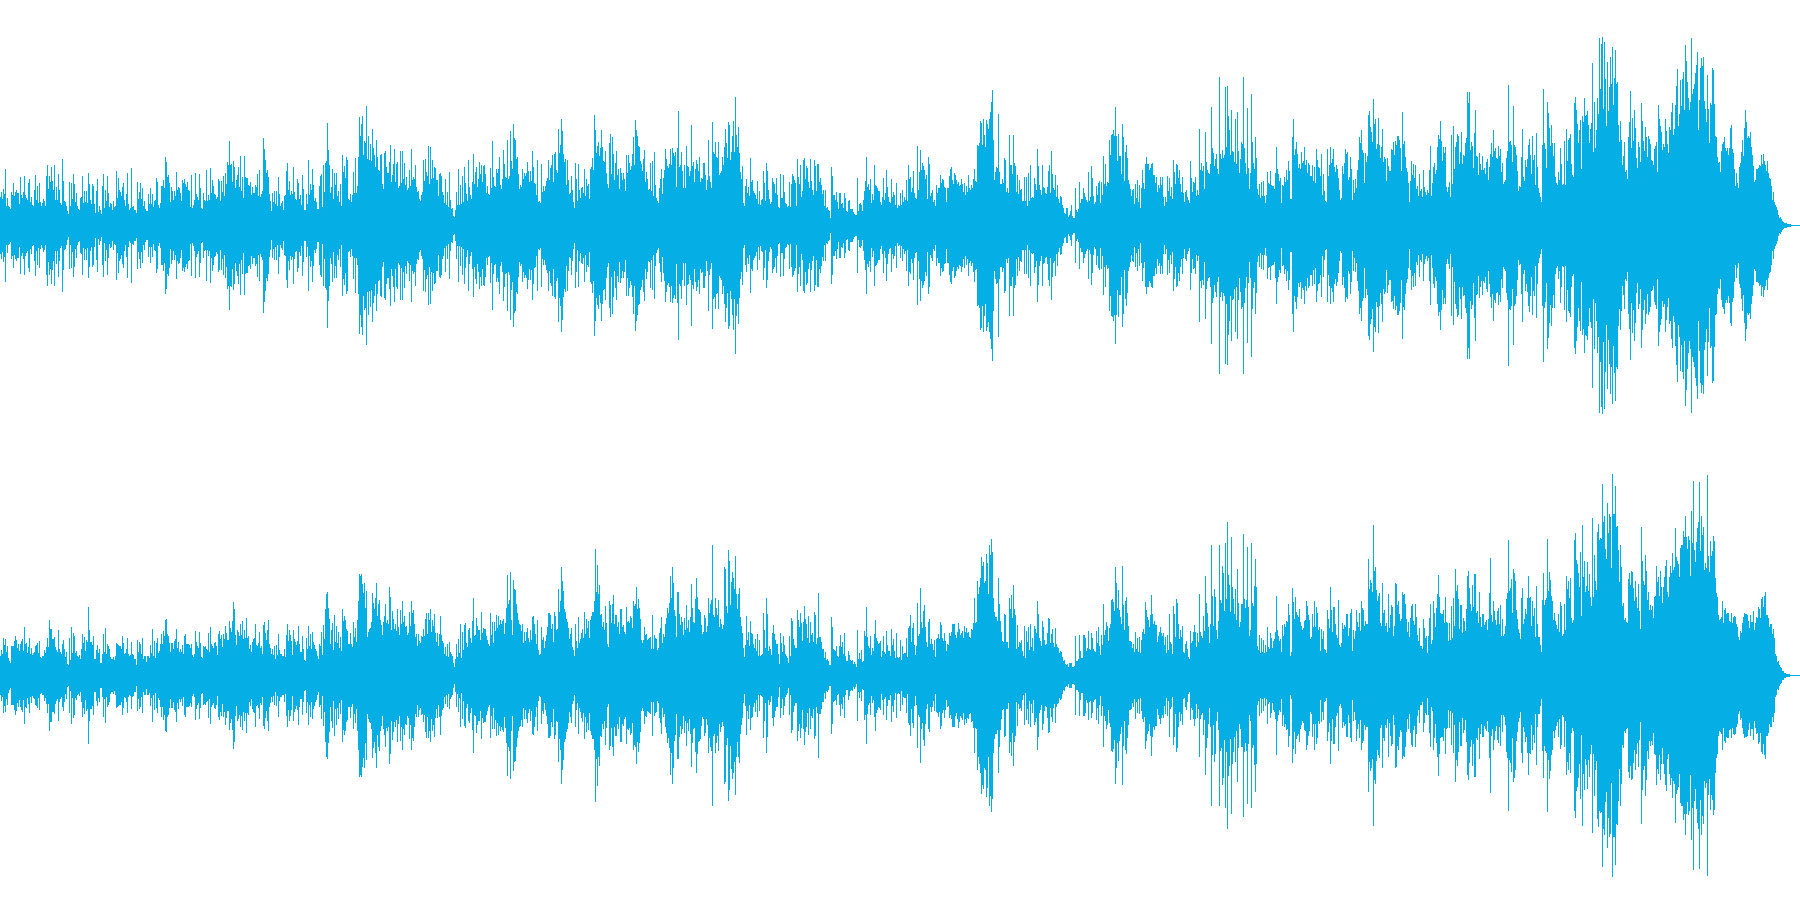 中低域が暖かい音質のフュージョン曲の再生済みの波形